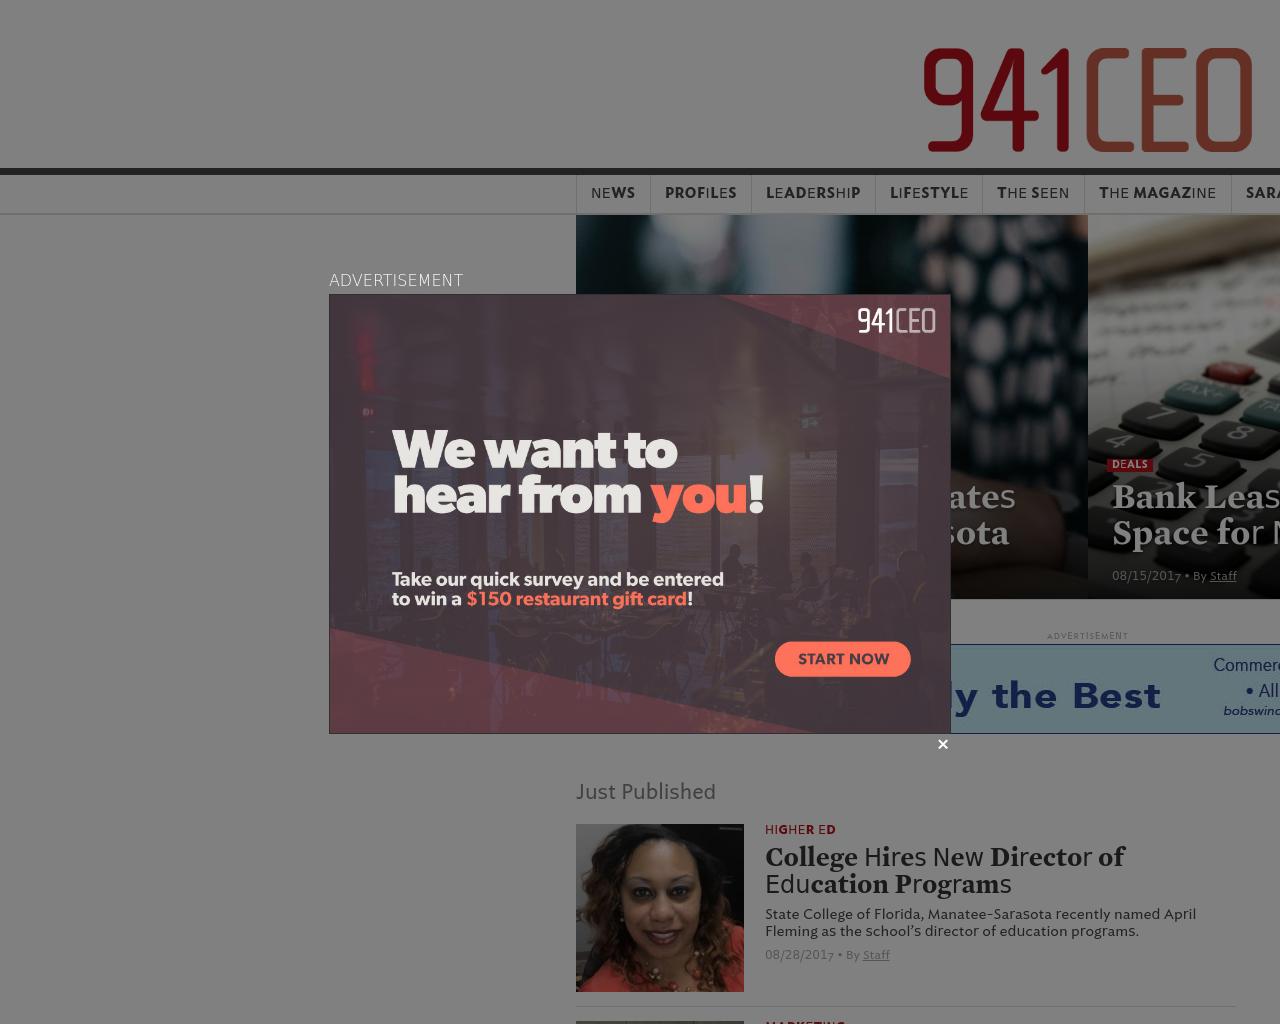 Biz(941)-Magazine-Advertising-Reviews-Pricing